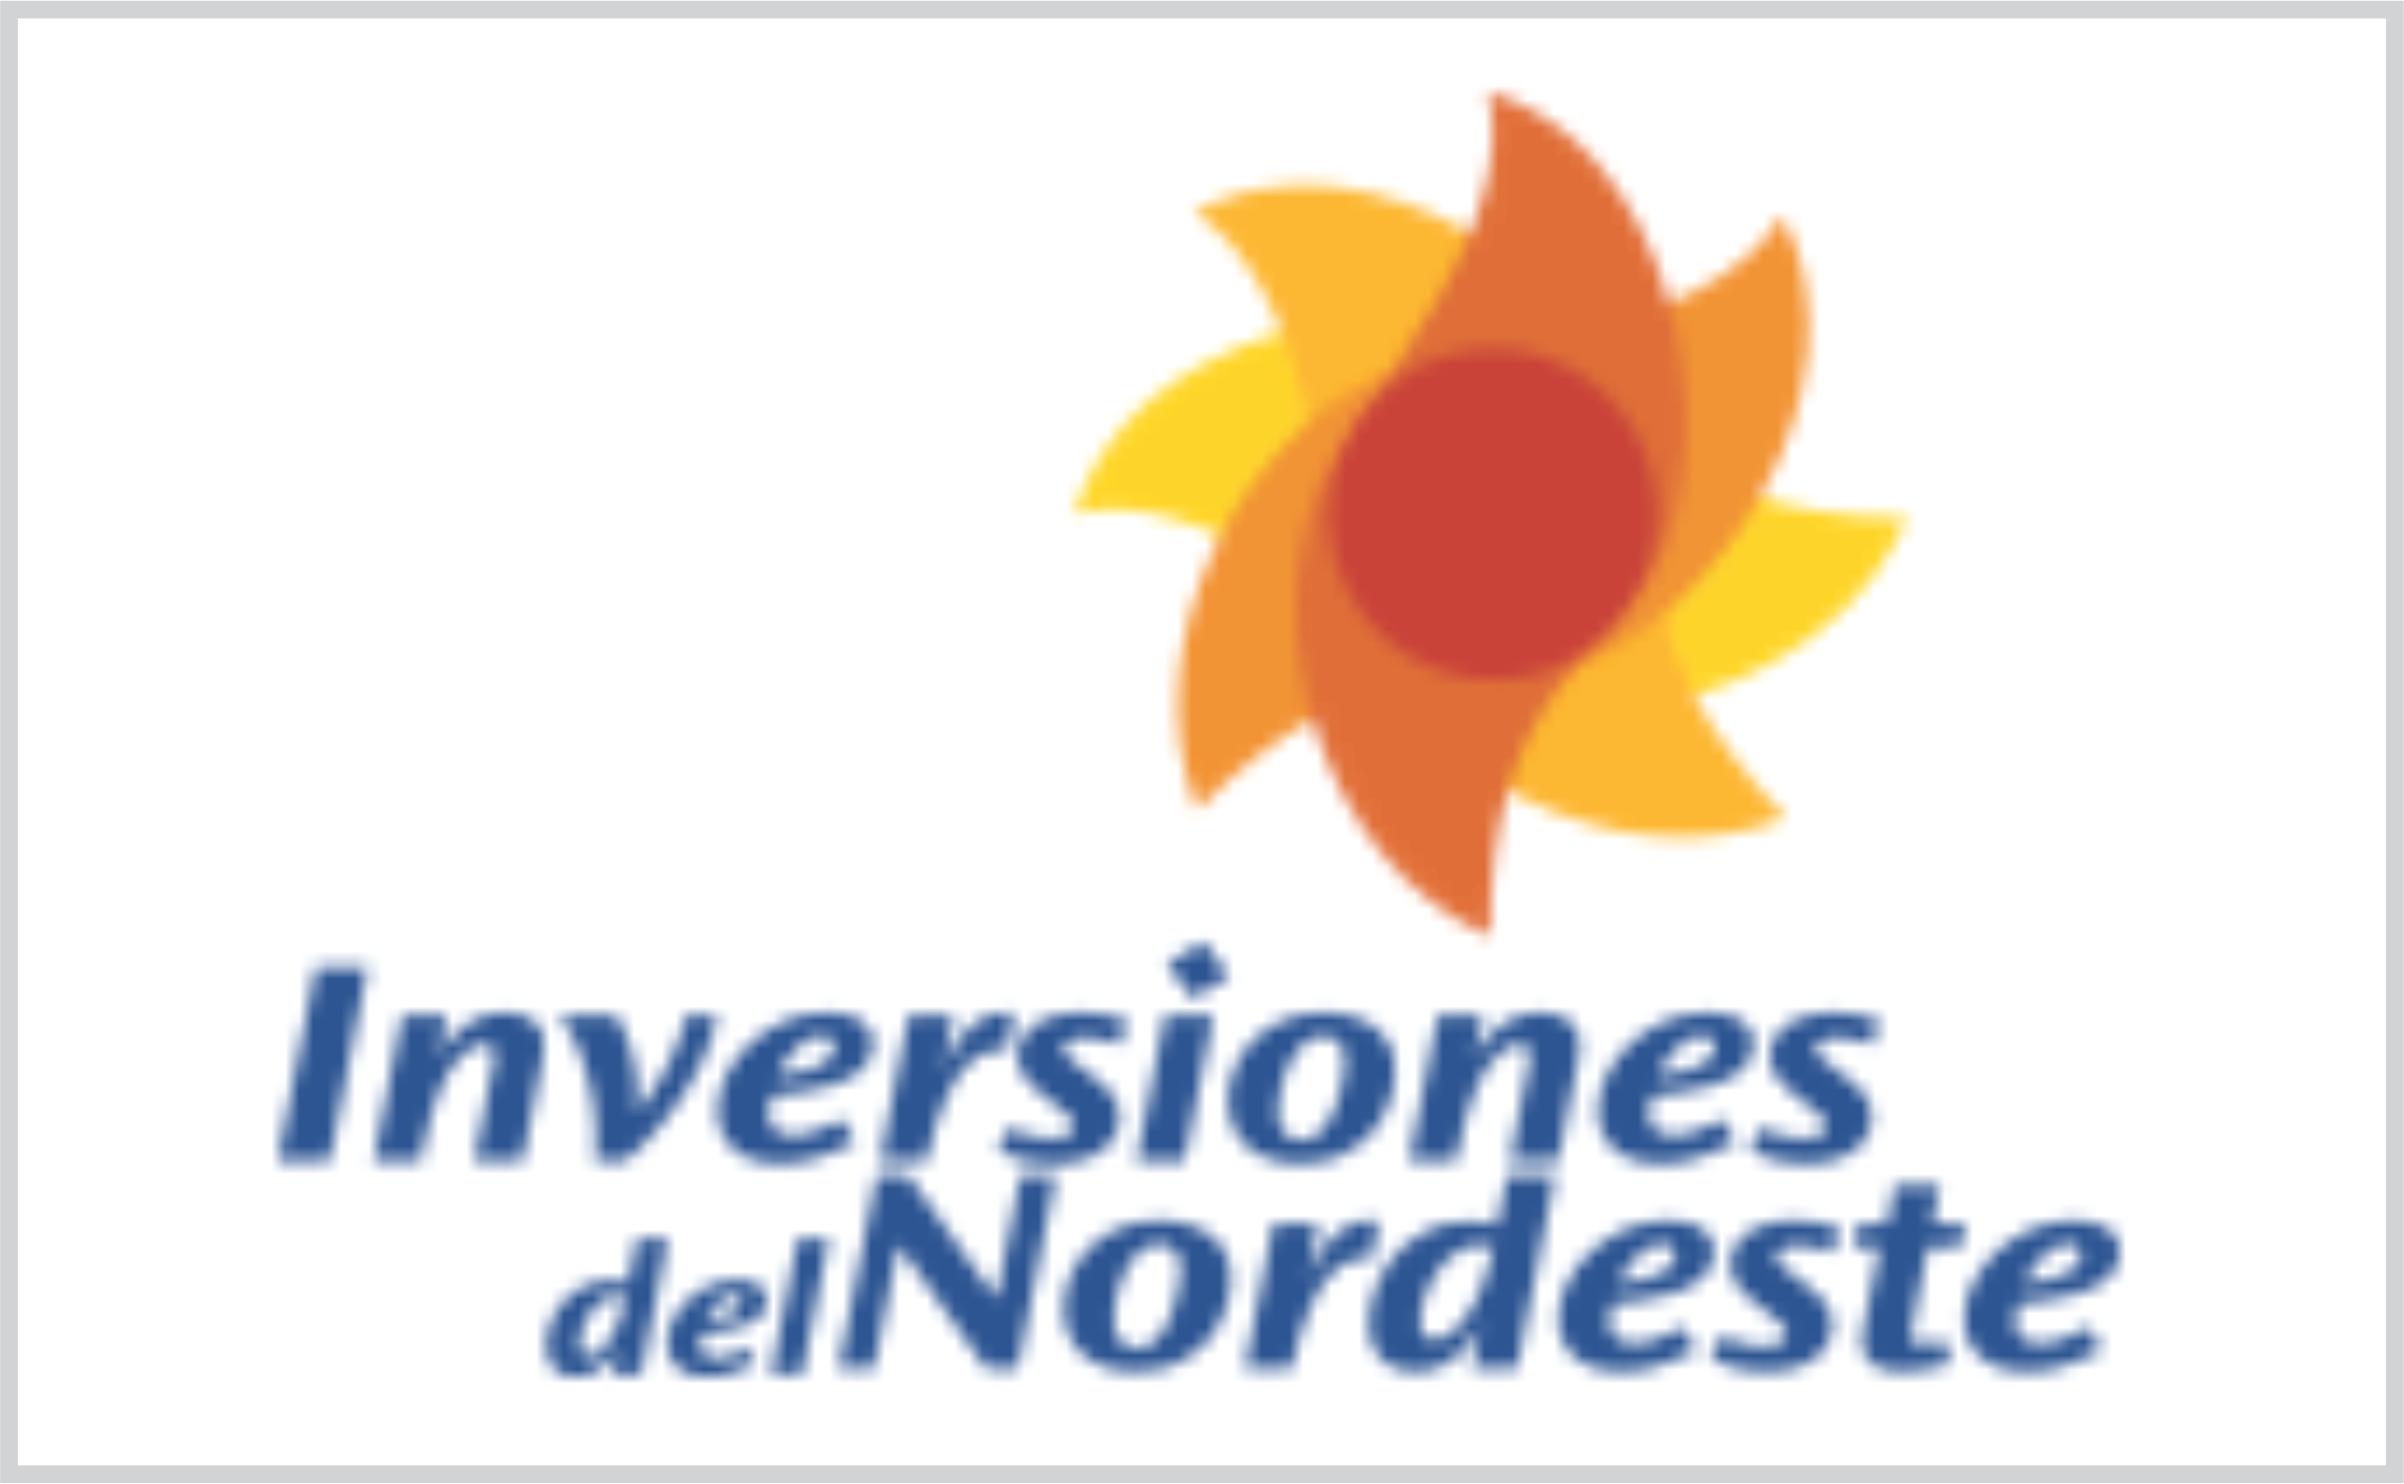 Inversiones del Nordeste